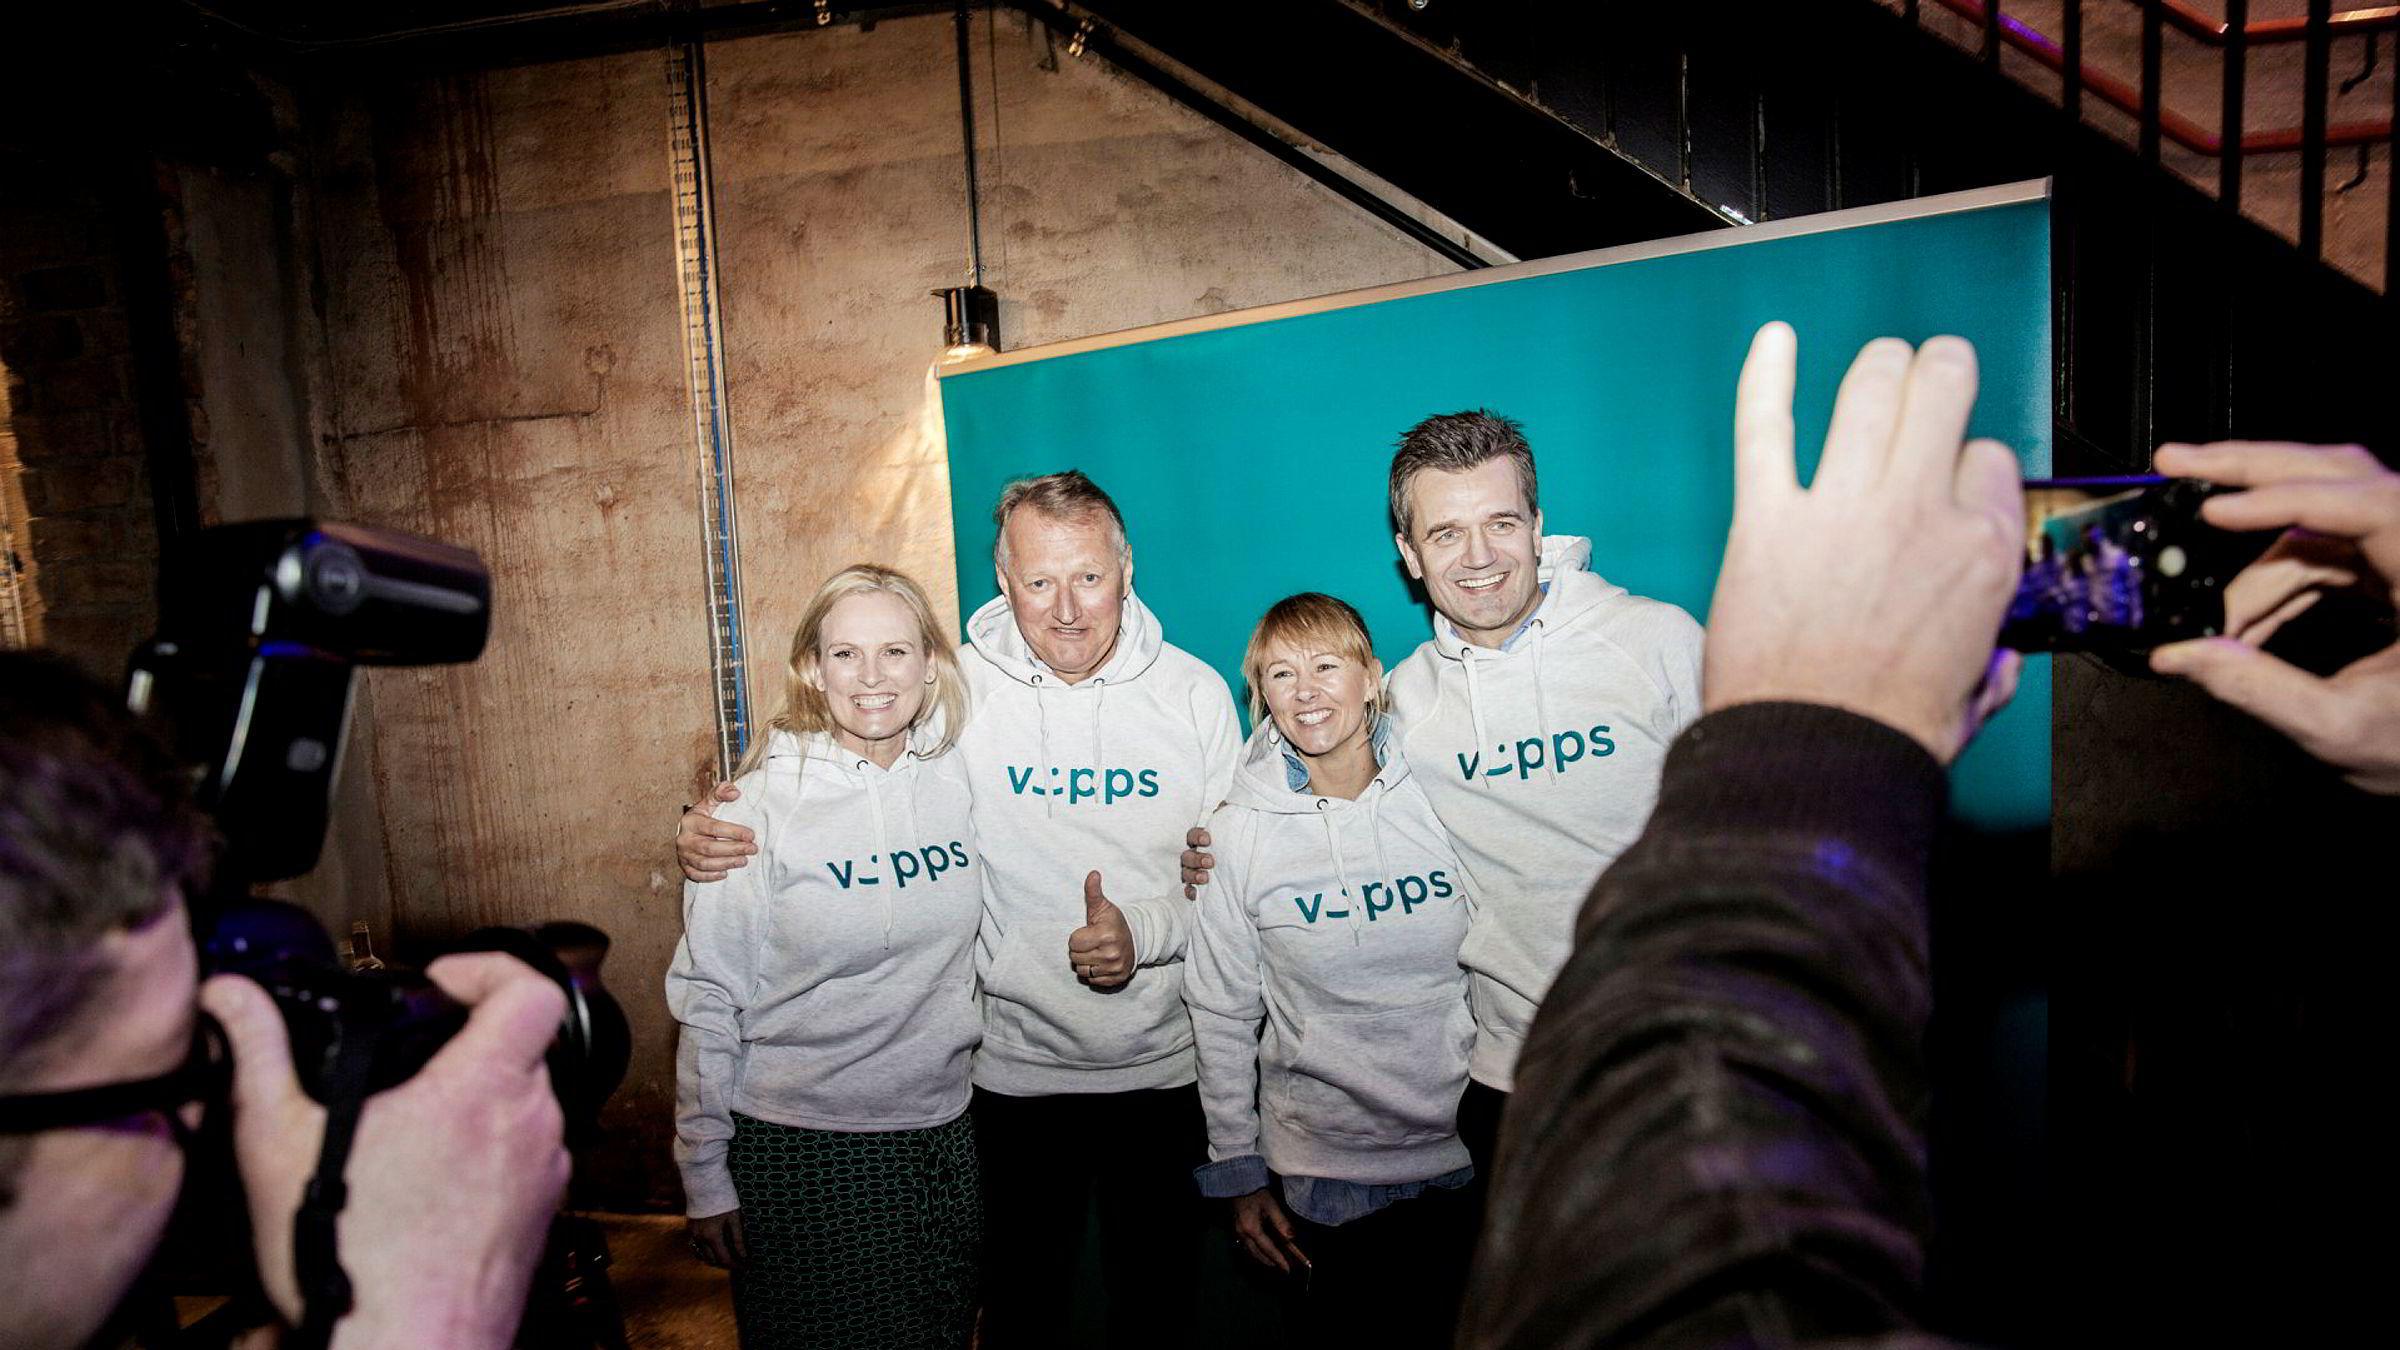 Vipps har fått godkjent fusjon med Bankaxept og BankID. Her fra et event i fjor da over 100 banker ble med i Vipps. F.v.: Konsernsjef Hege Toft Karlsen i Eika Gruppen, DNB-sjef Rune Bjerke, nestleder Elisabeth Haug i Vipps og Vipps-sjef Rune Garborg.